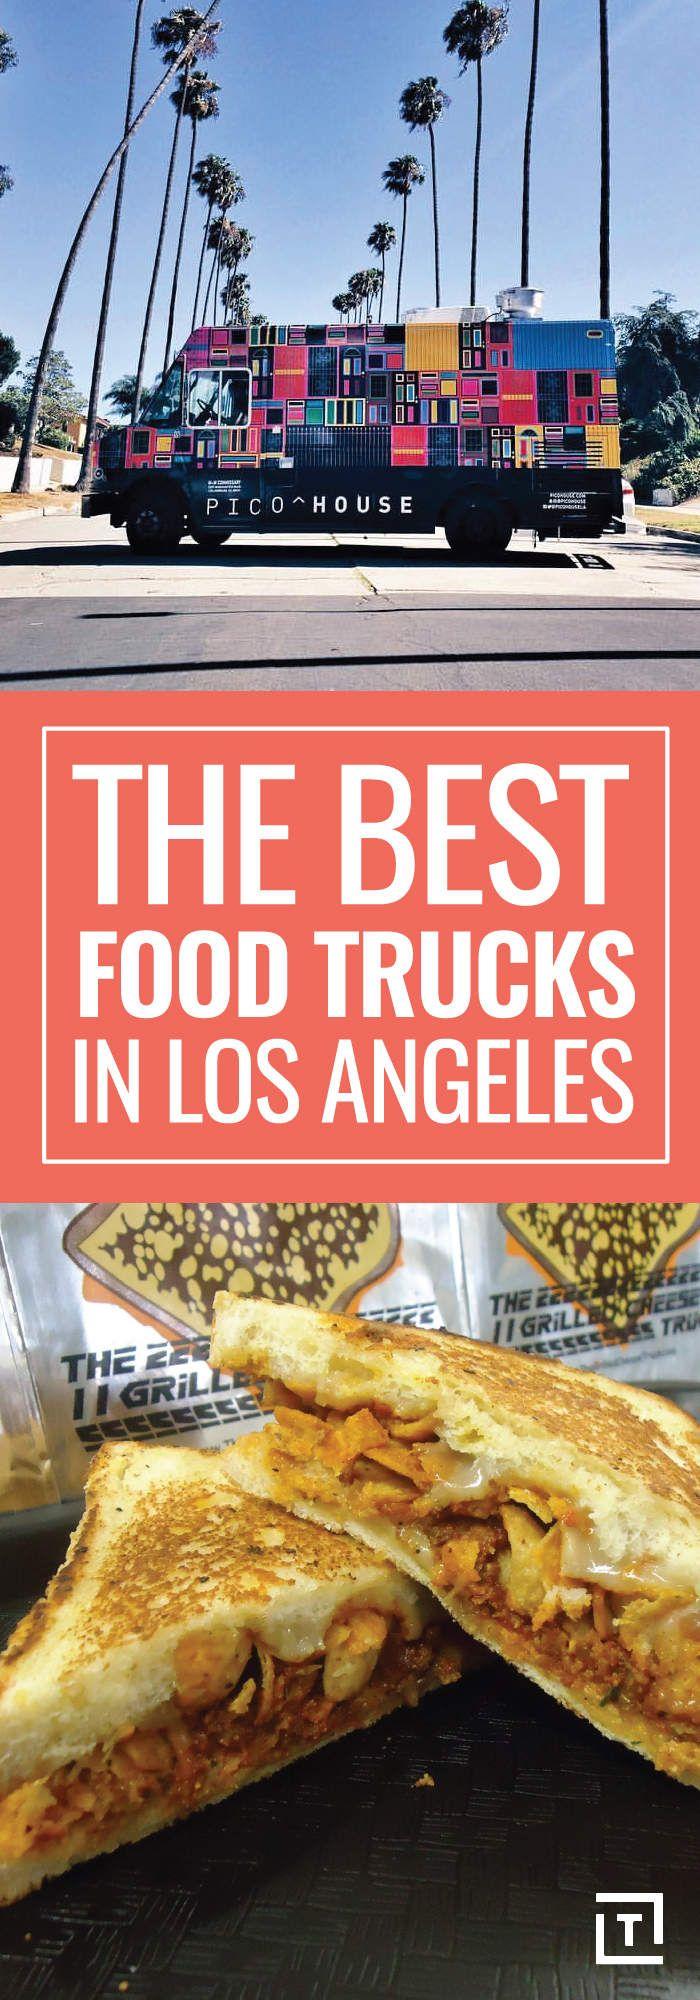 The Best Food Trucks in LA